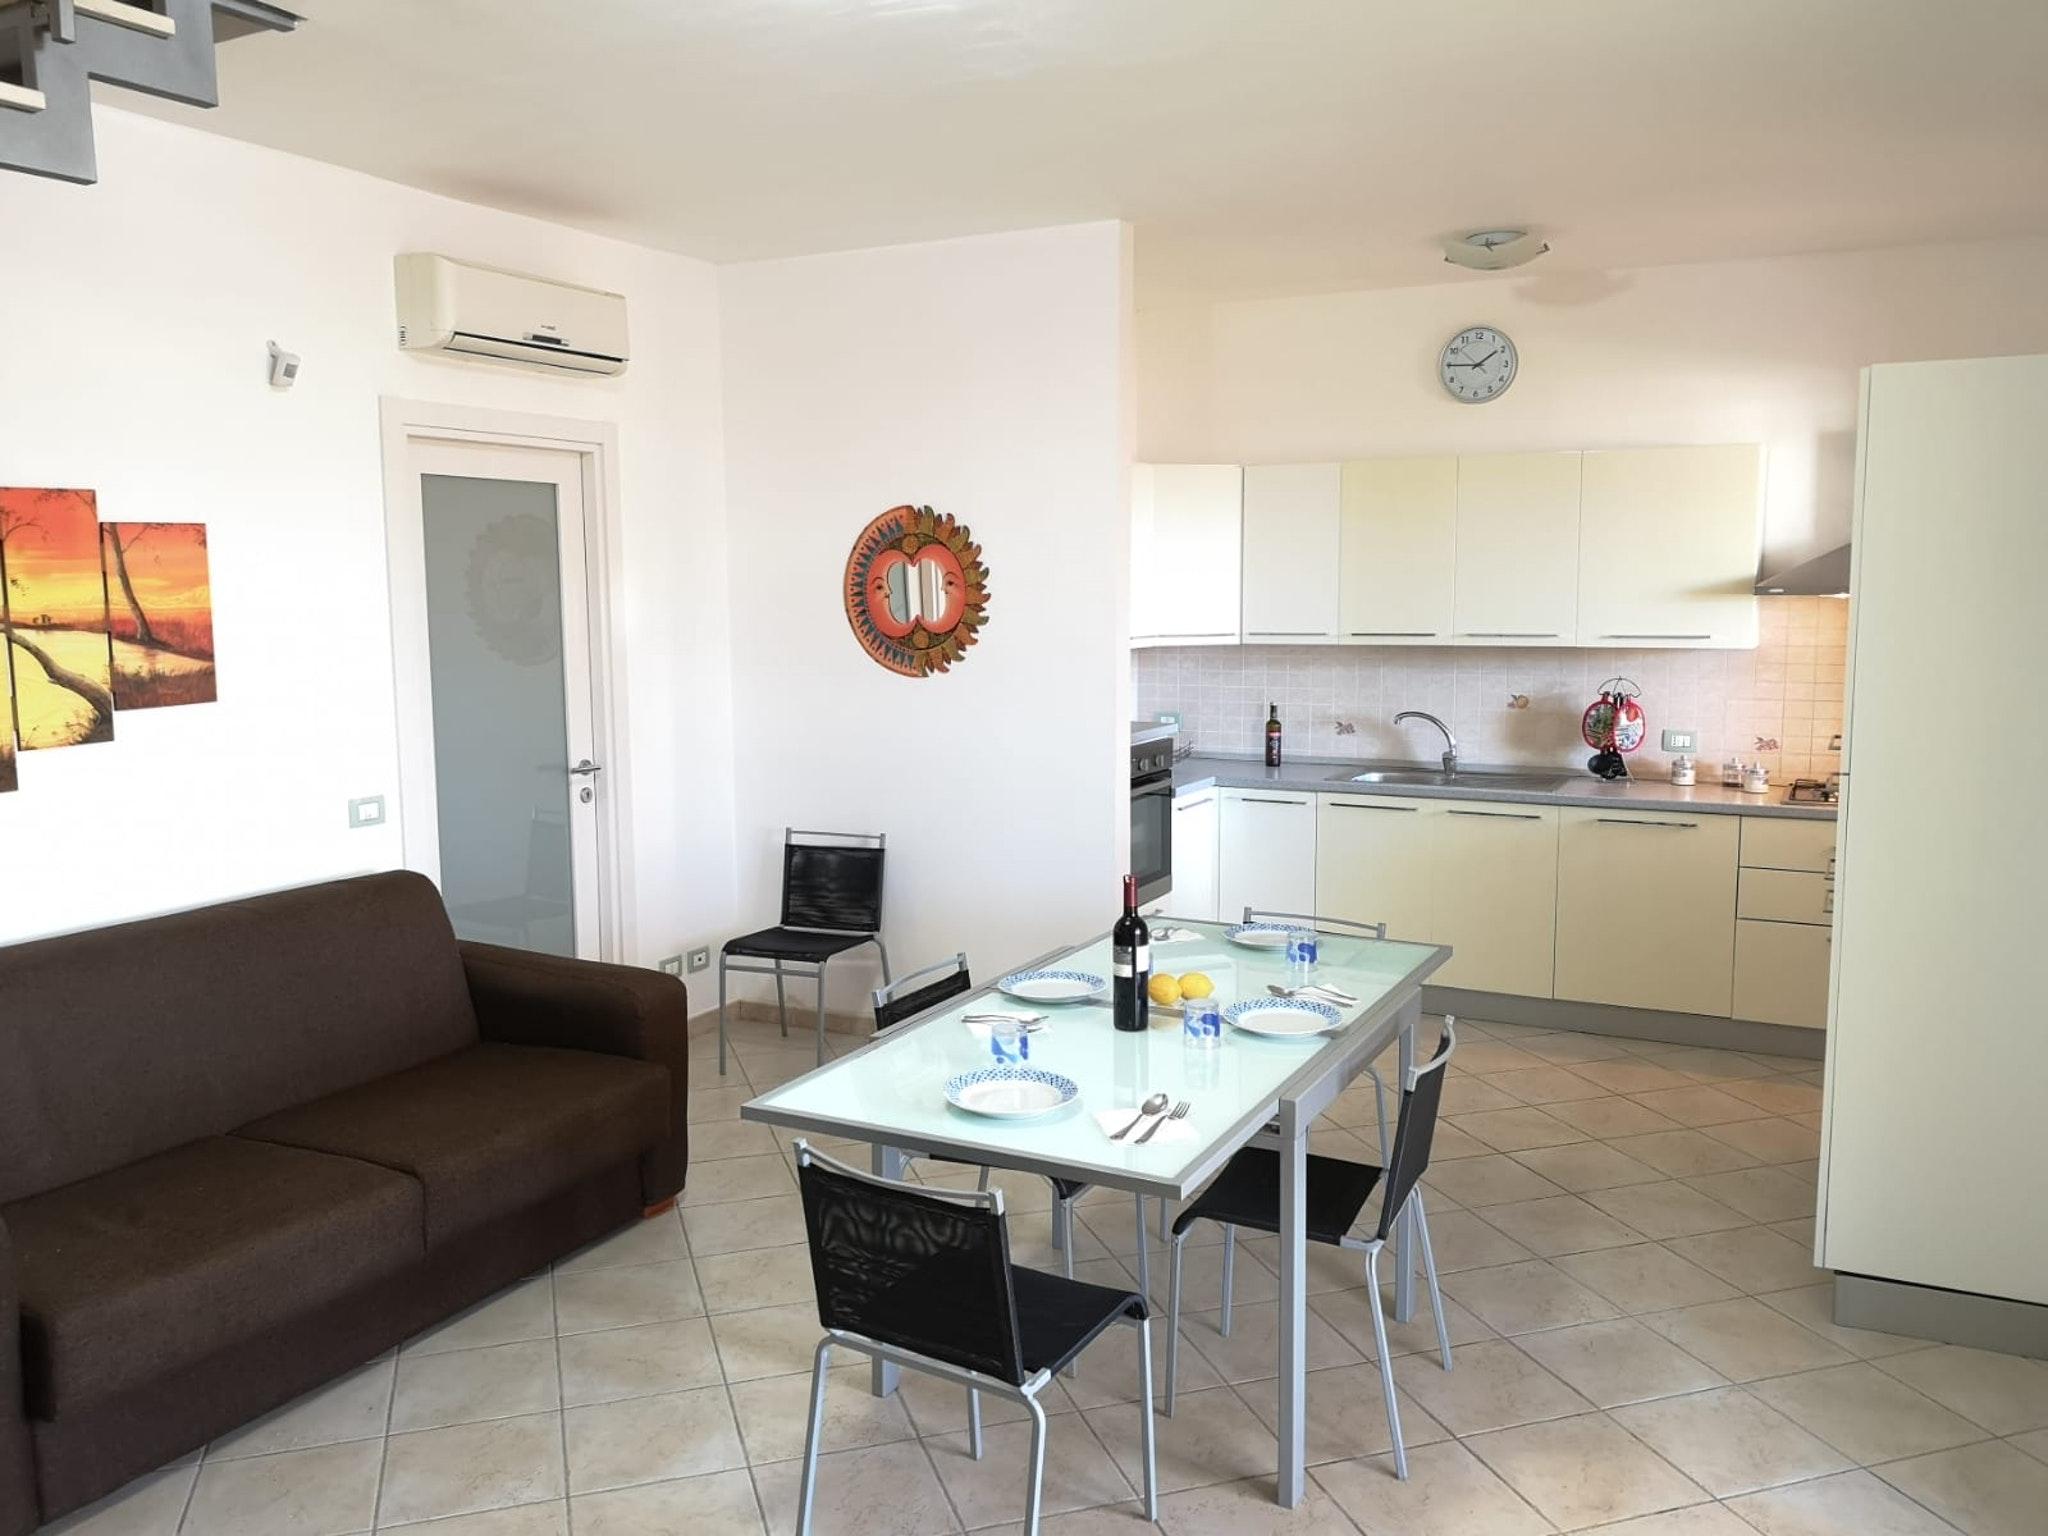 Maison de vacances Villa mit 4 Schlafzimmern in Scicli mit privatem Pool, eingezäuntem Garten und W-LAN - 300 (2617979), Scicli, Ragusa, Sicile, Italie, image 3